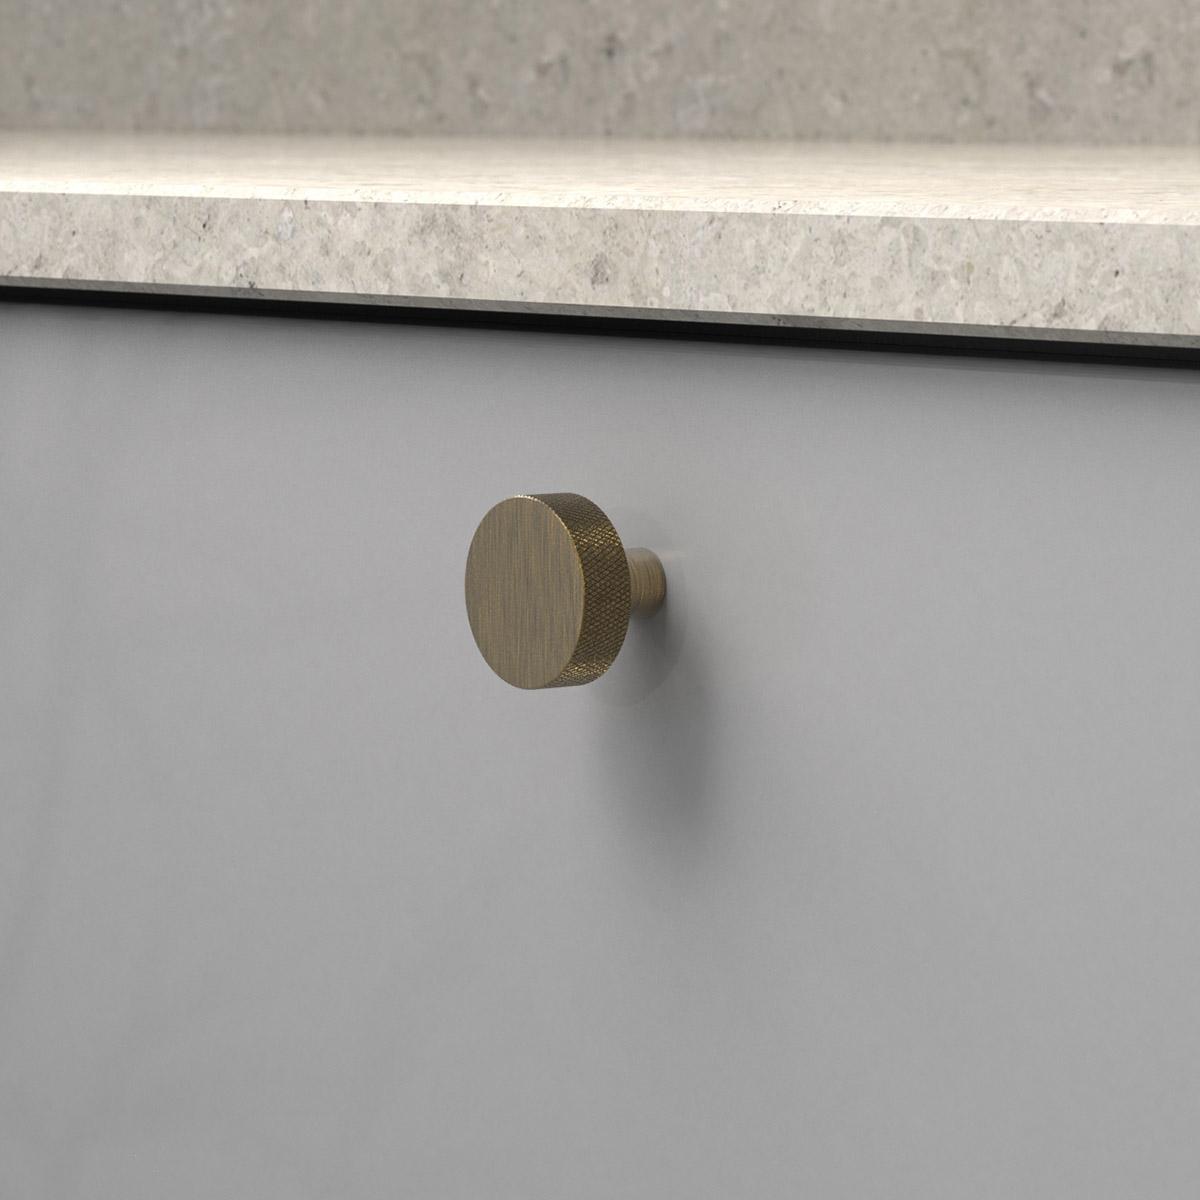 knopp flat antik brons 309163 11 32 mm ncs s 4500 n kalksten